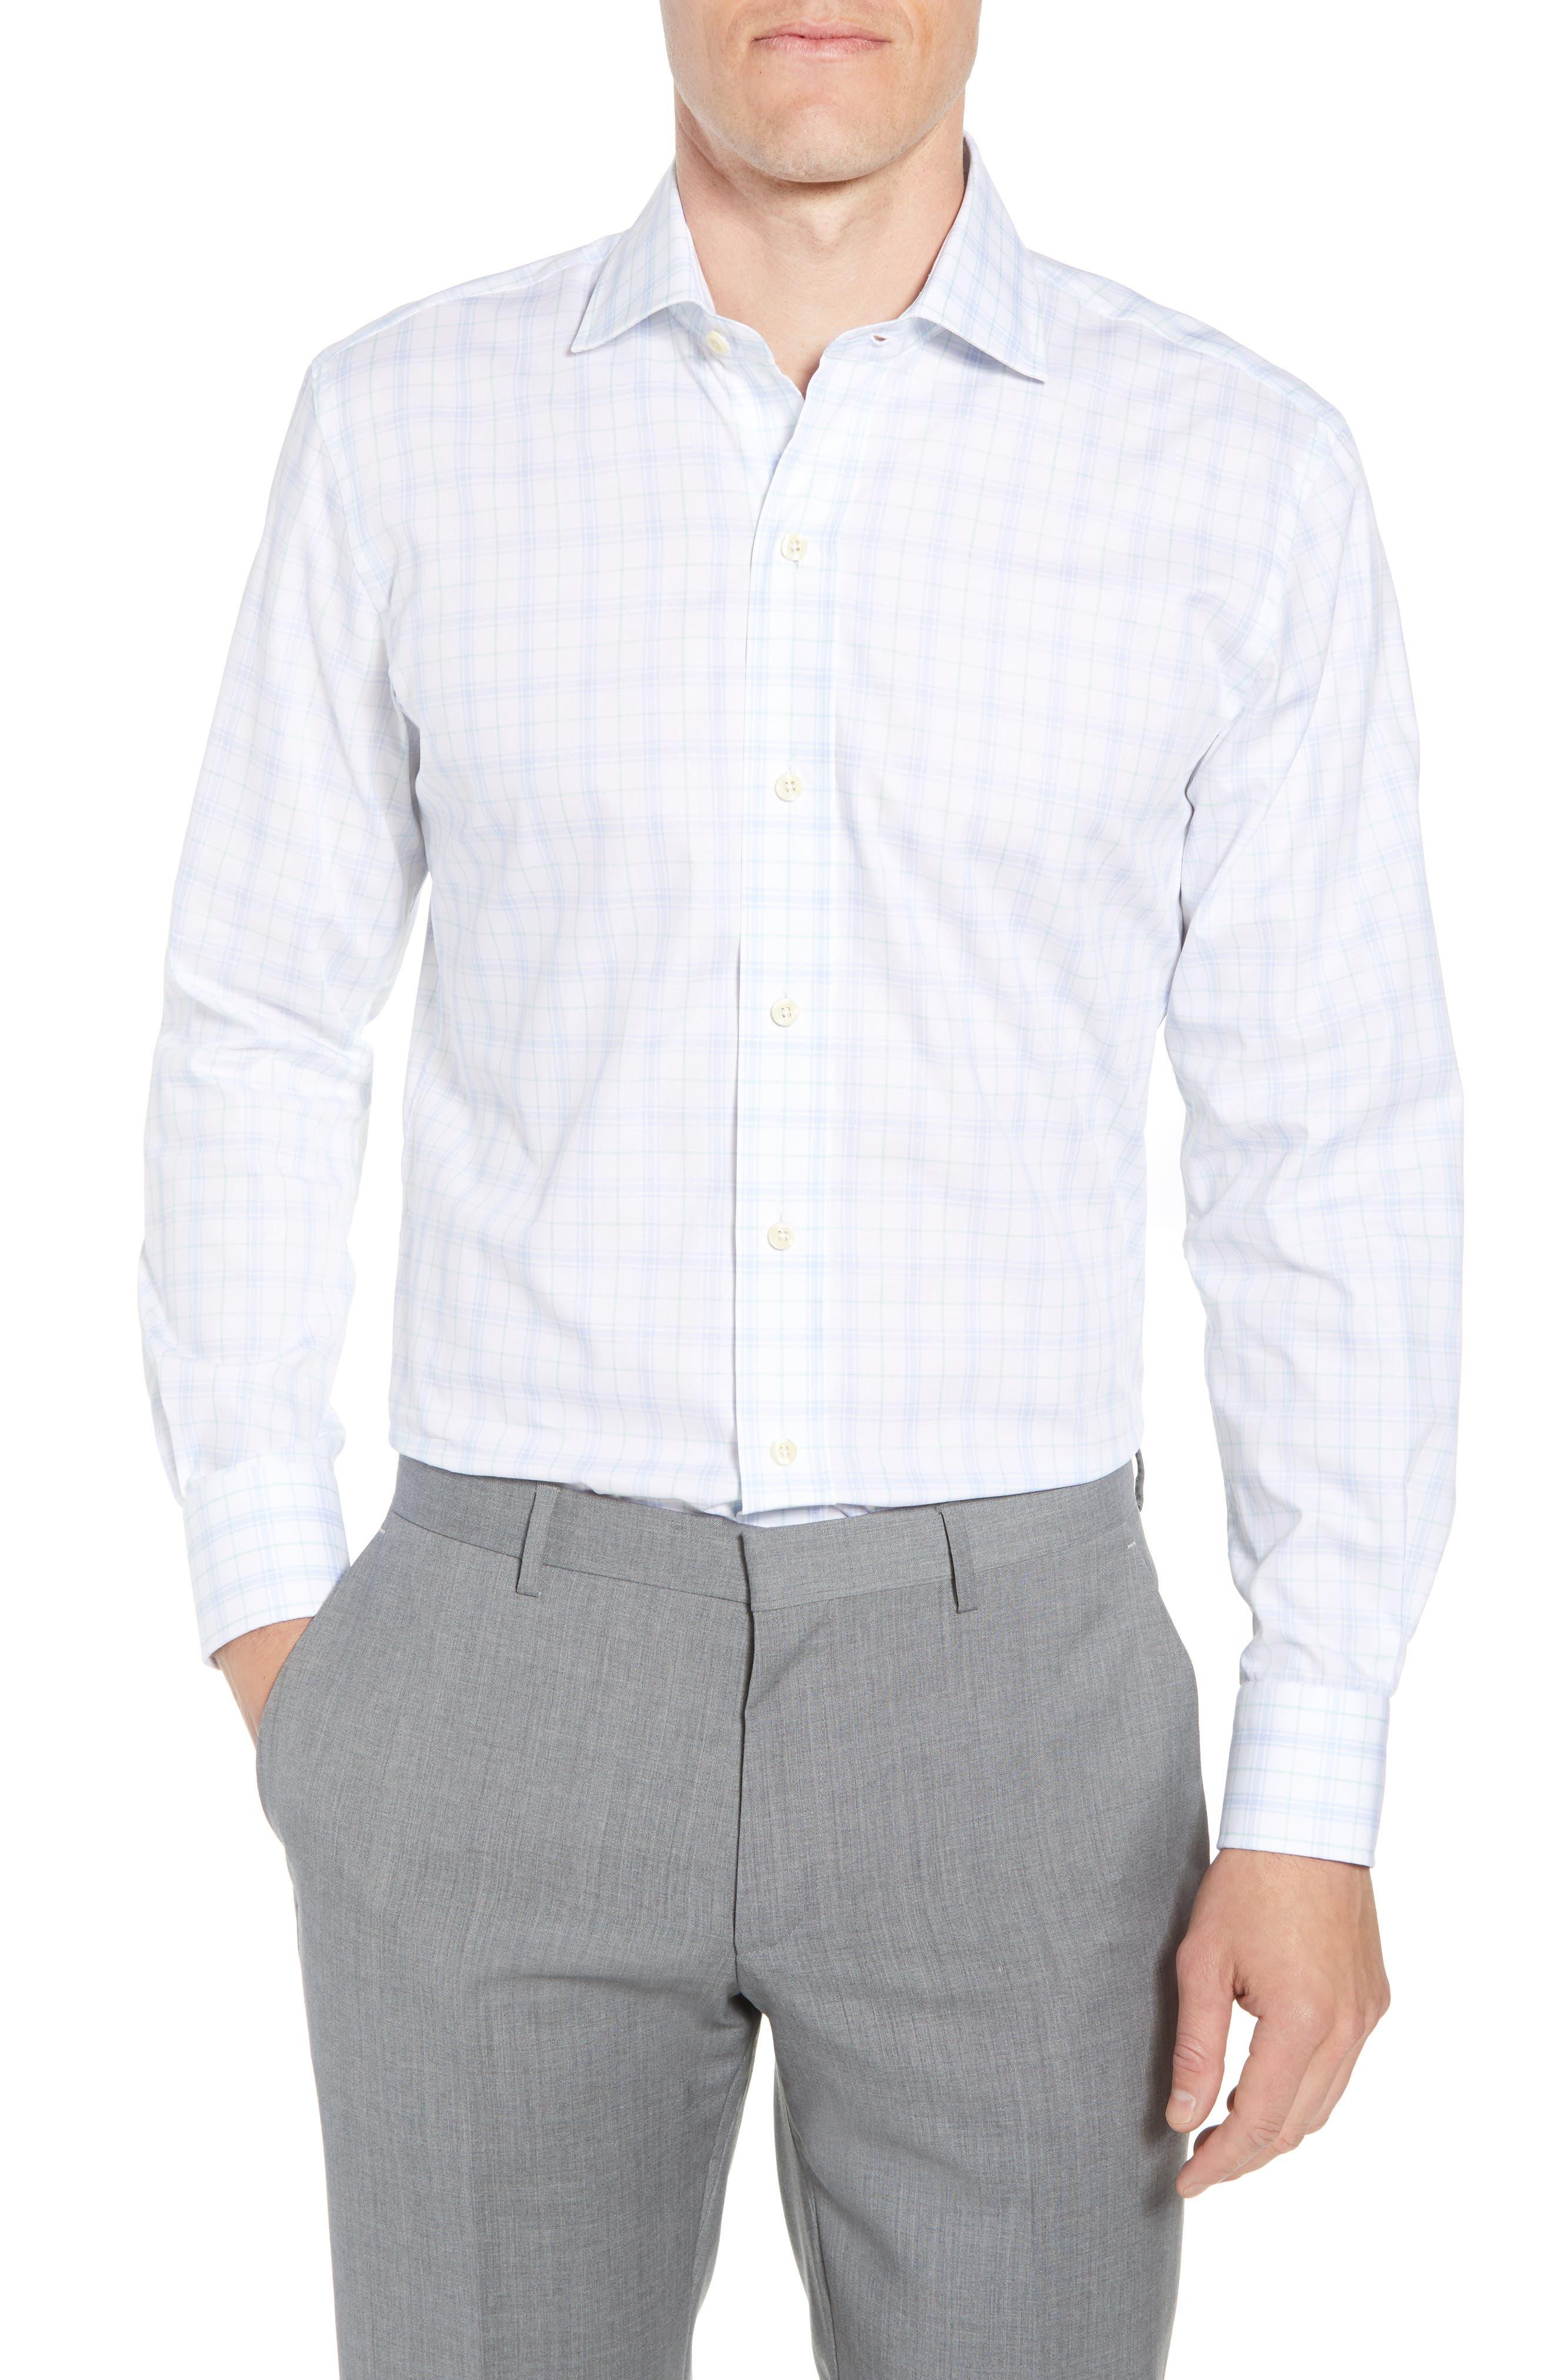 Lymann Trim Fit Plaid Dress Shirt,                         Main,                         color, 410